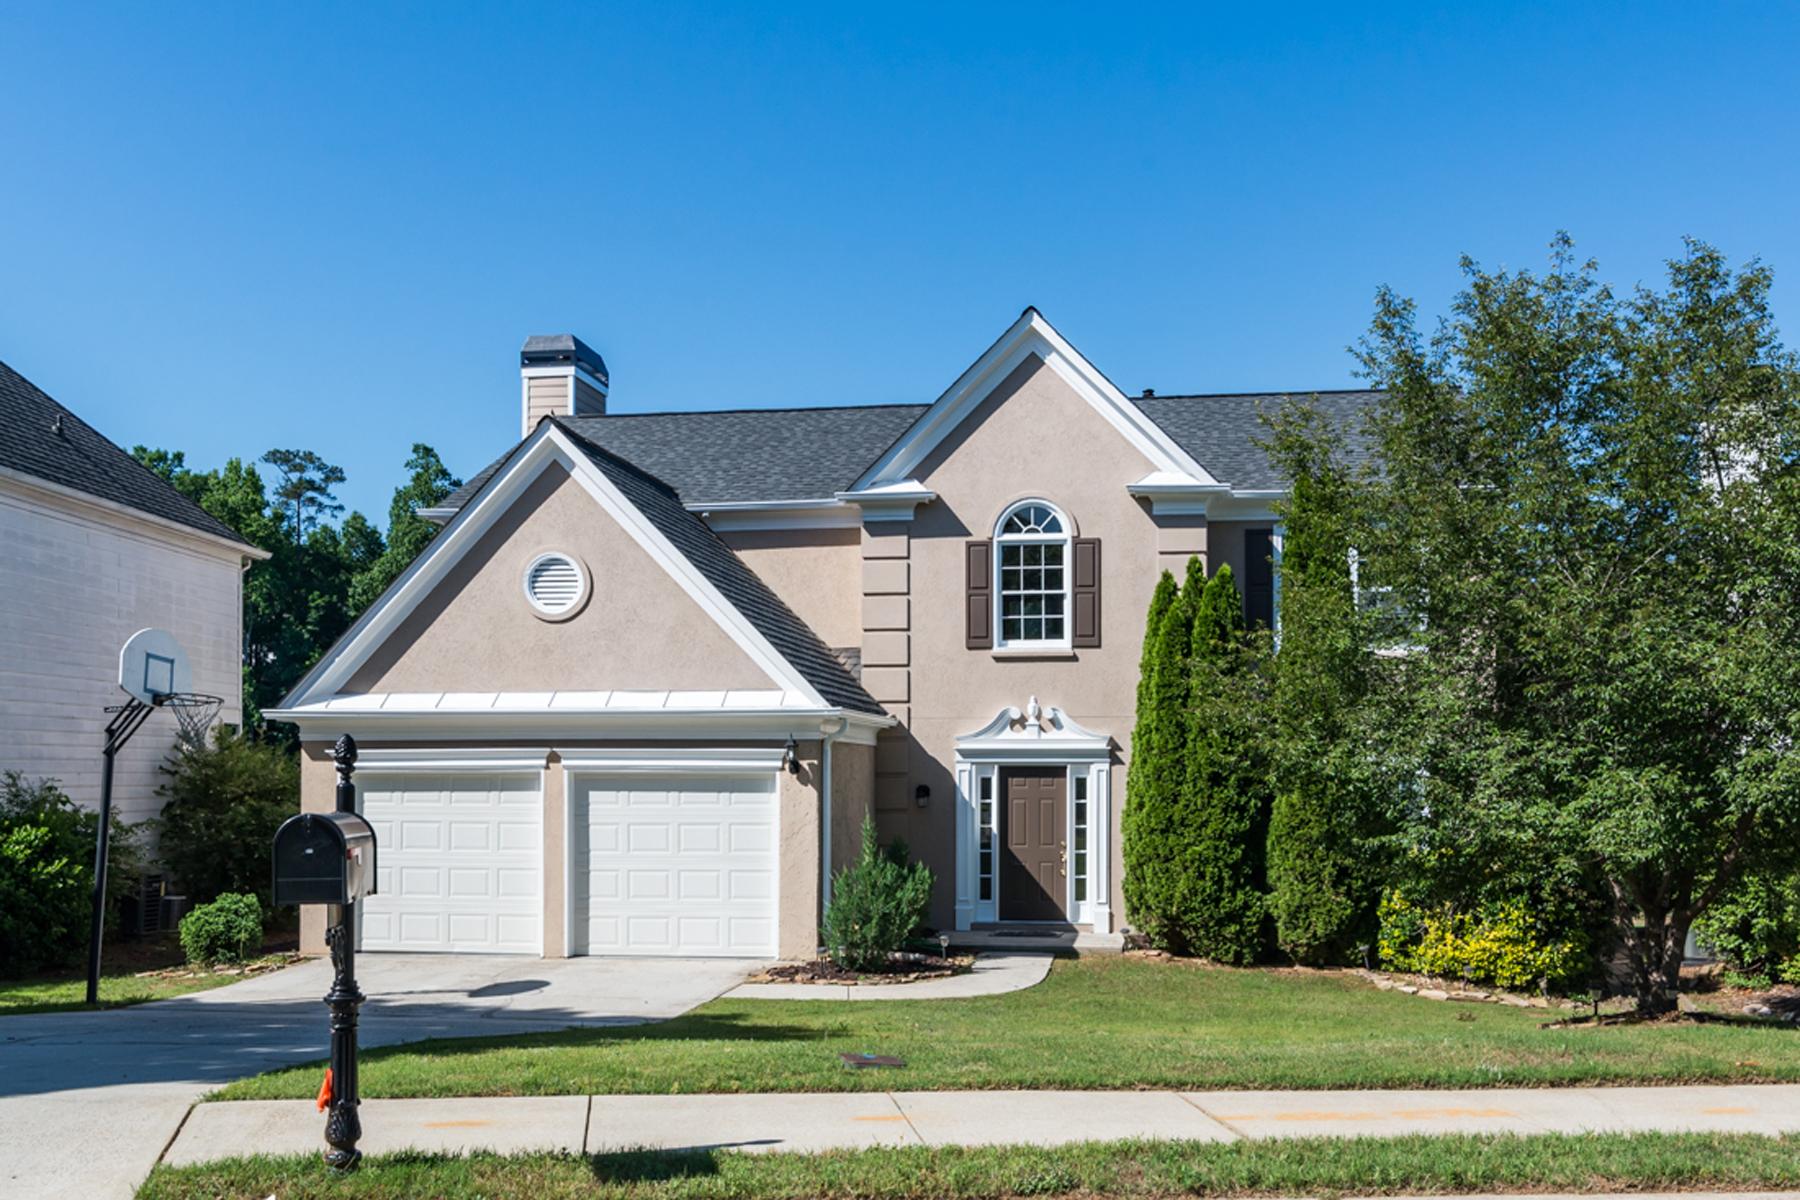 Tek Ailelik Ev için Satış at Renovated Home With Breathtaking Lake View 3810 Longlake Drive Duluth, Georgia, 30097 Amerika Birleşik Devletleri